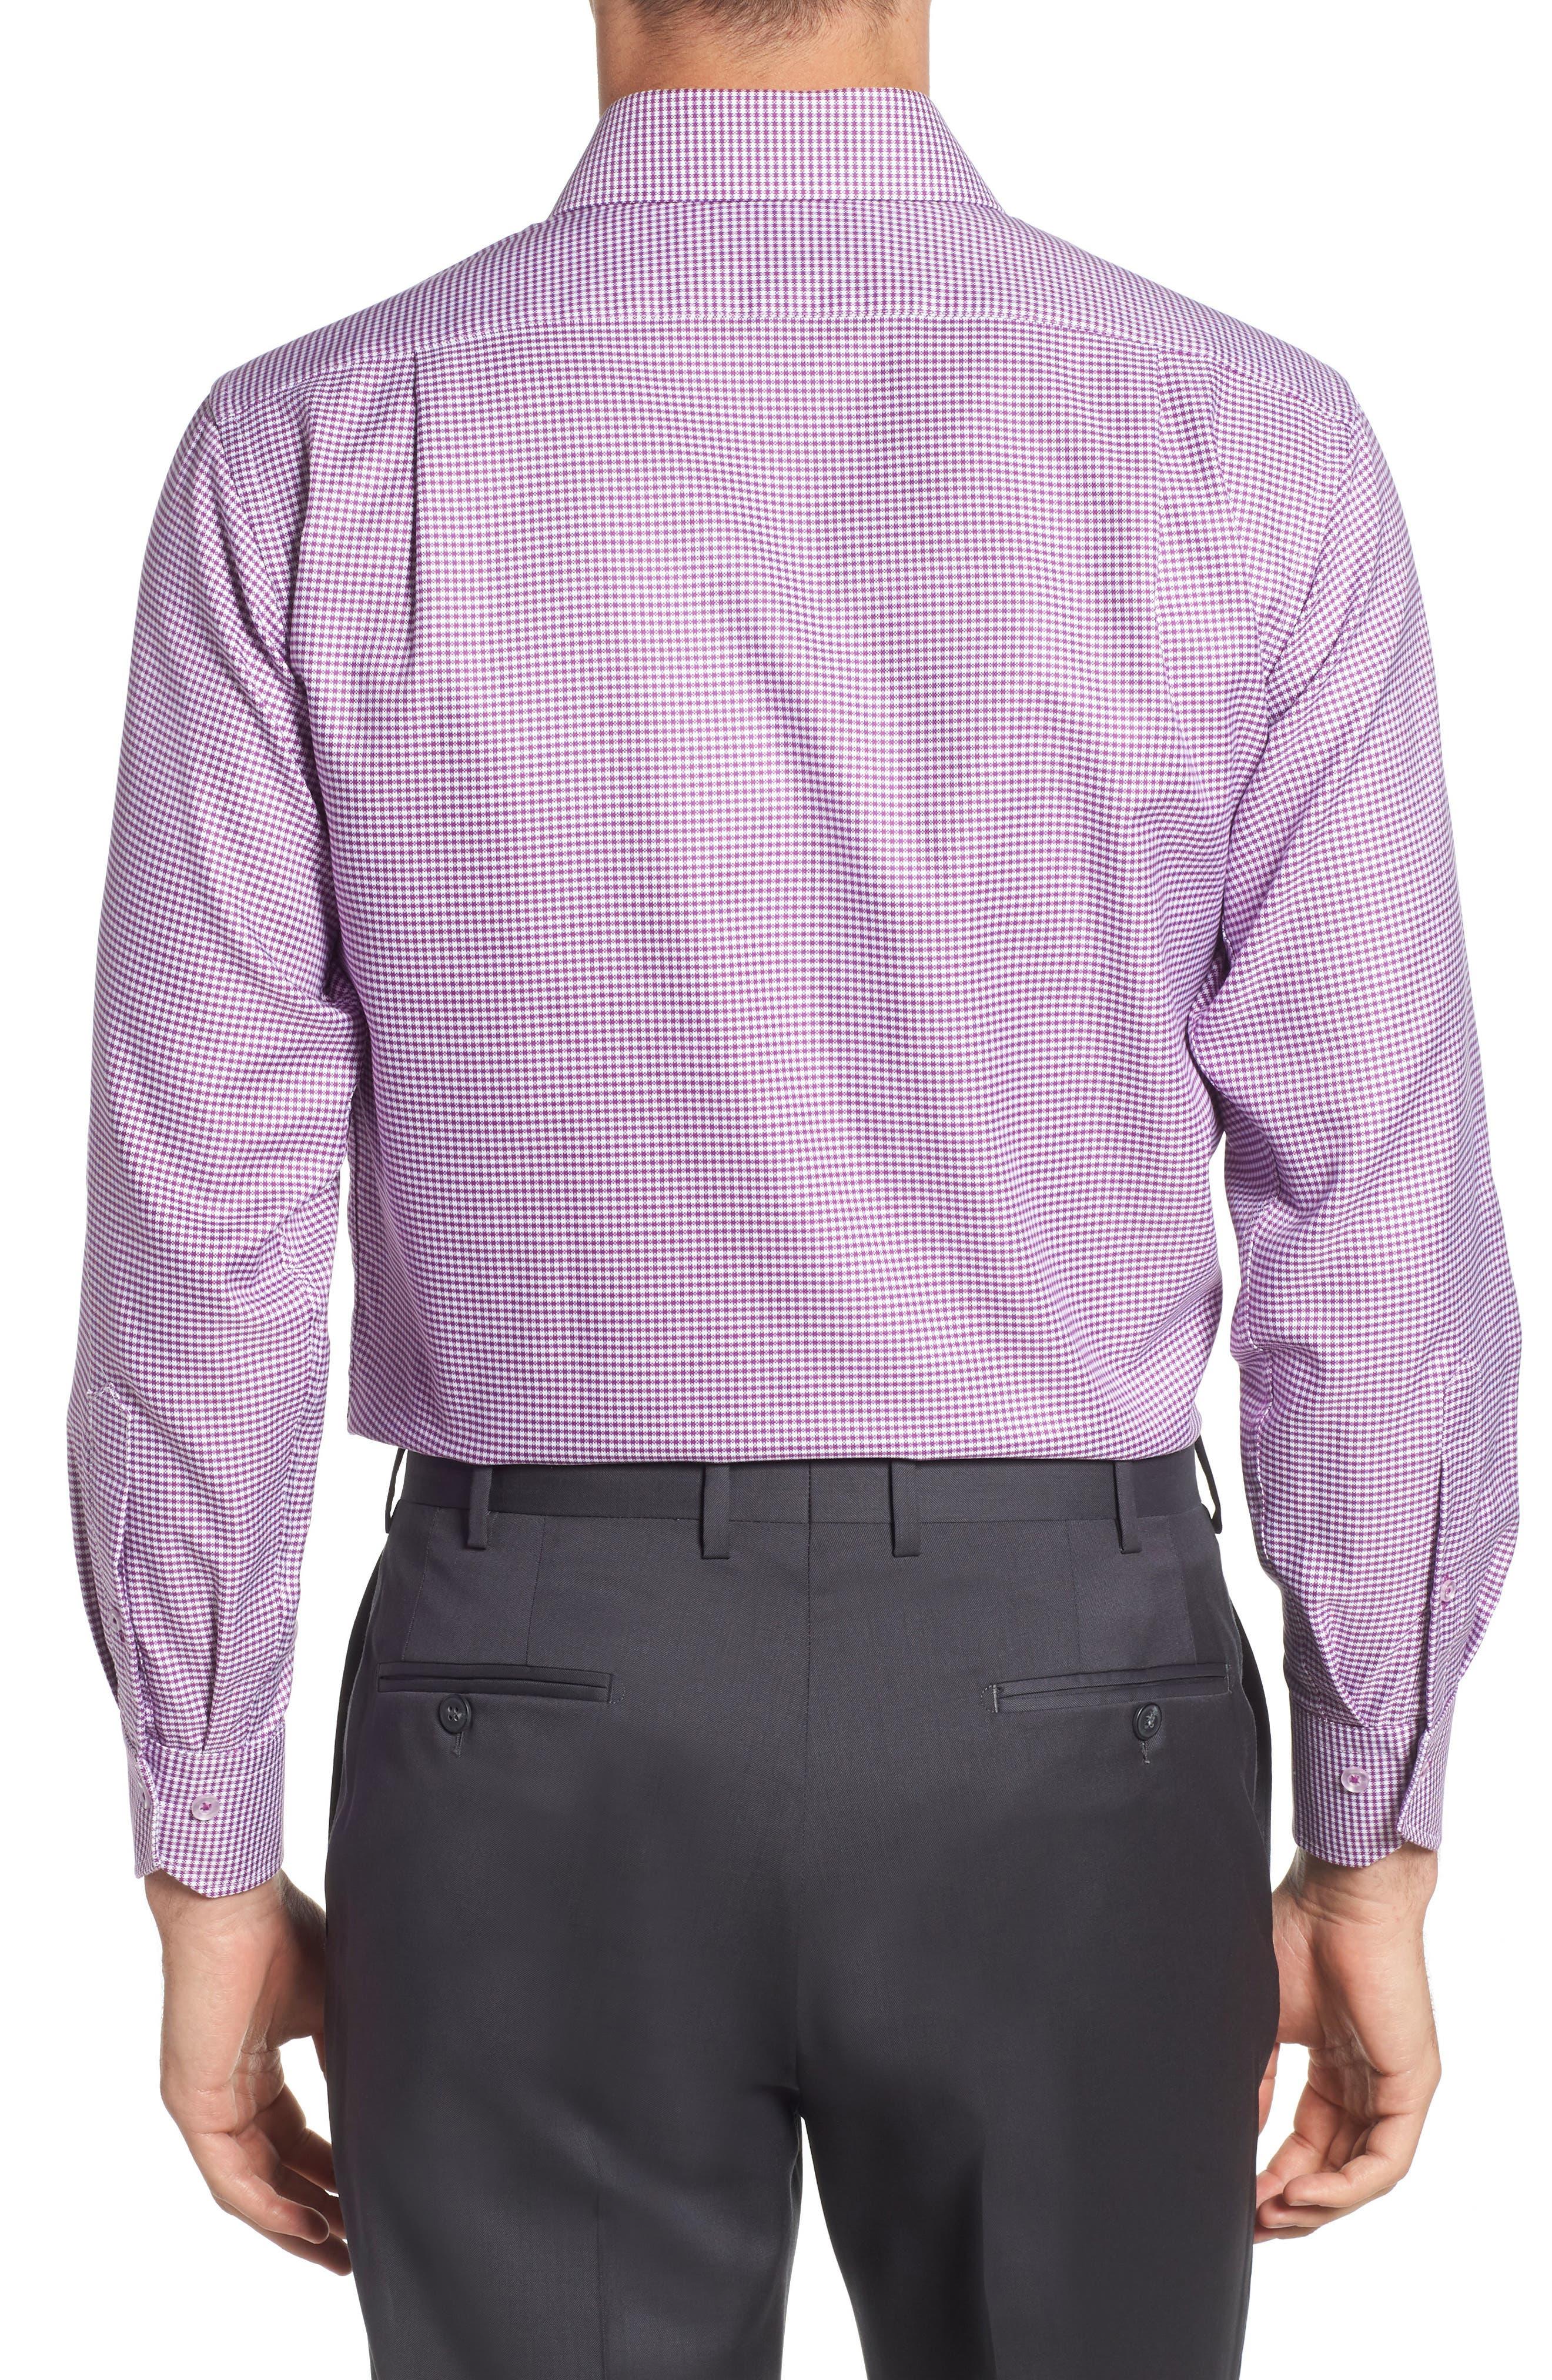 Trim Fit Check Dress Shirt,                             Alternate thumbnail 3, color,                             PURPLE